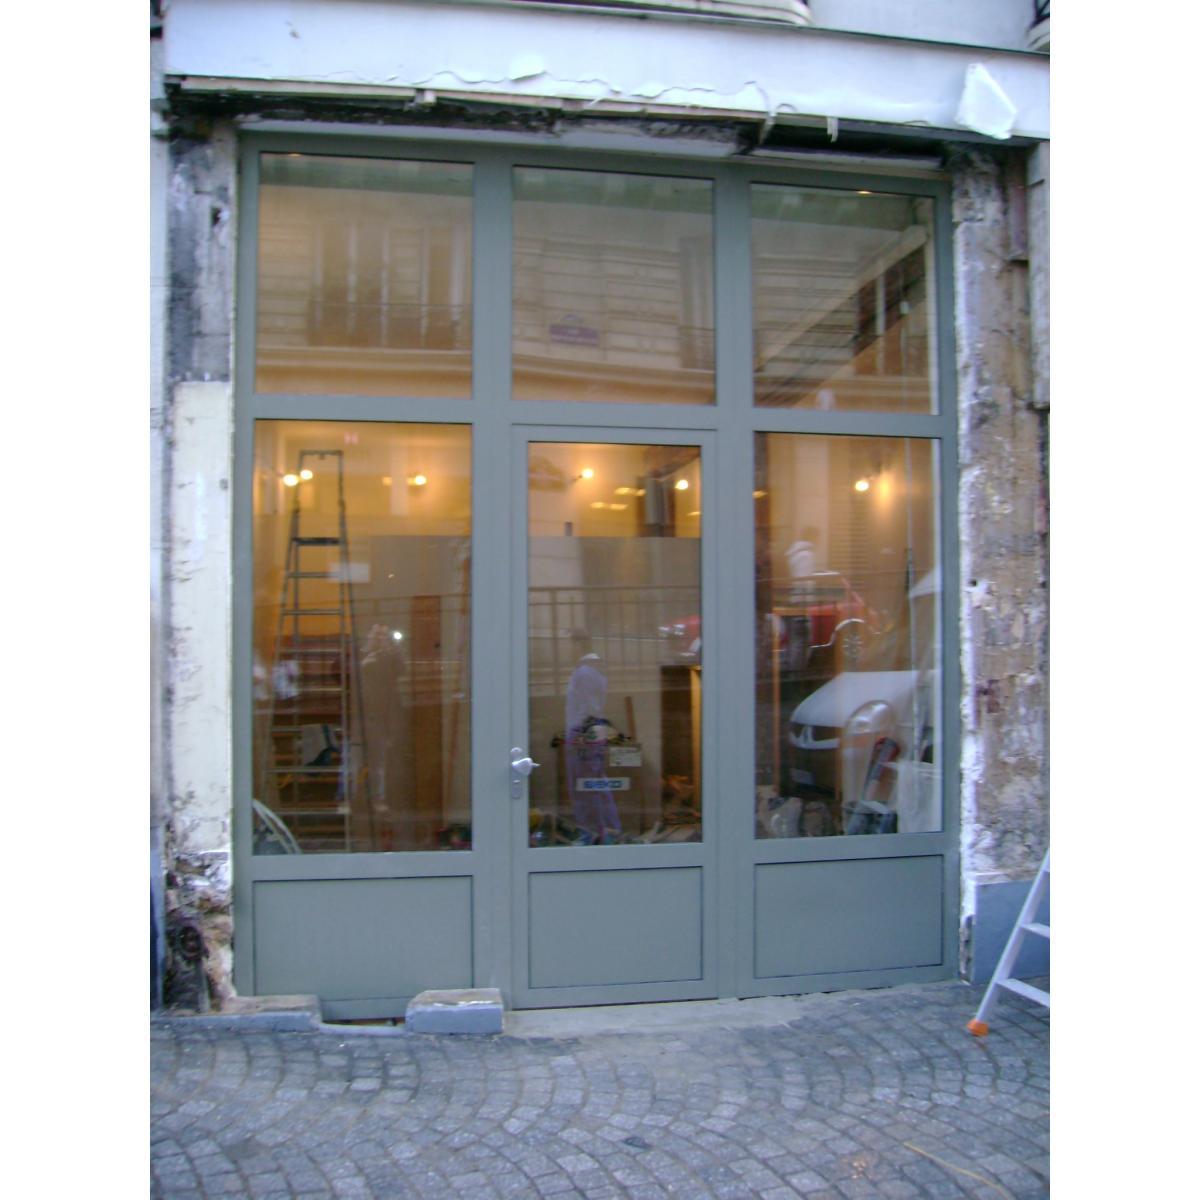 Porte vitrée pour l'entrée d'une boutique<br>